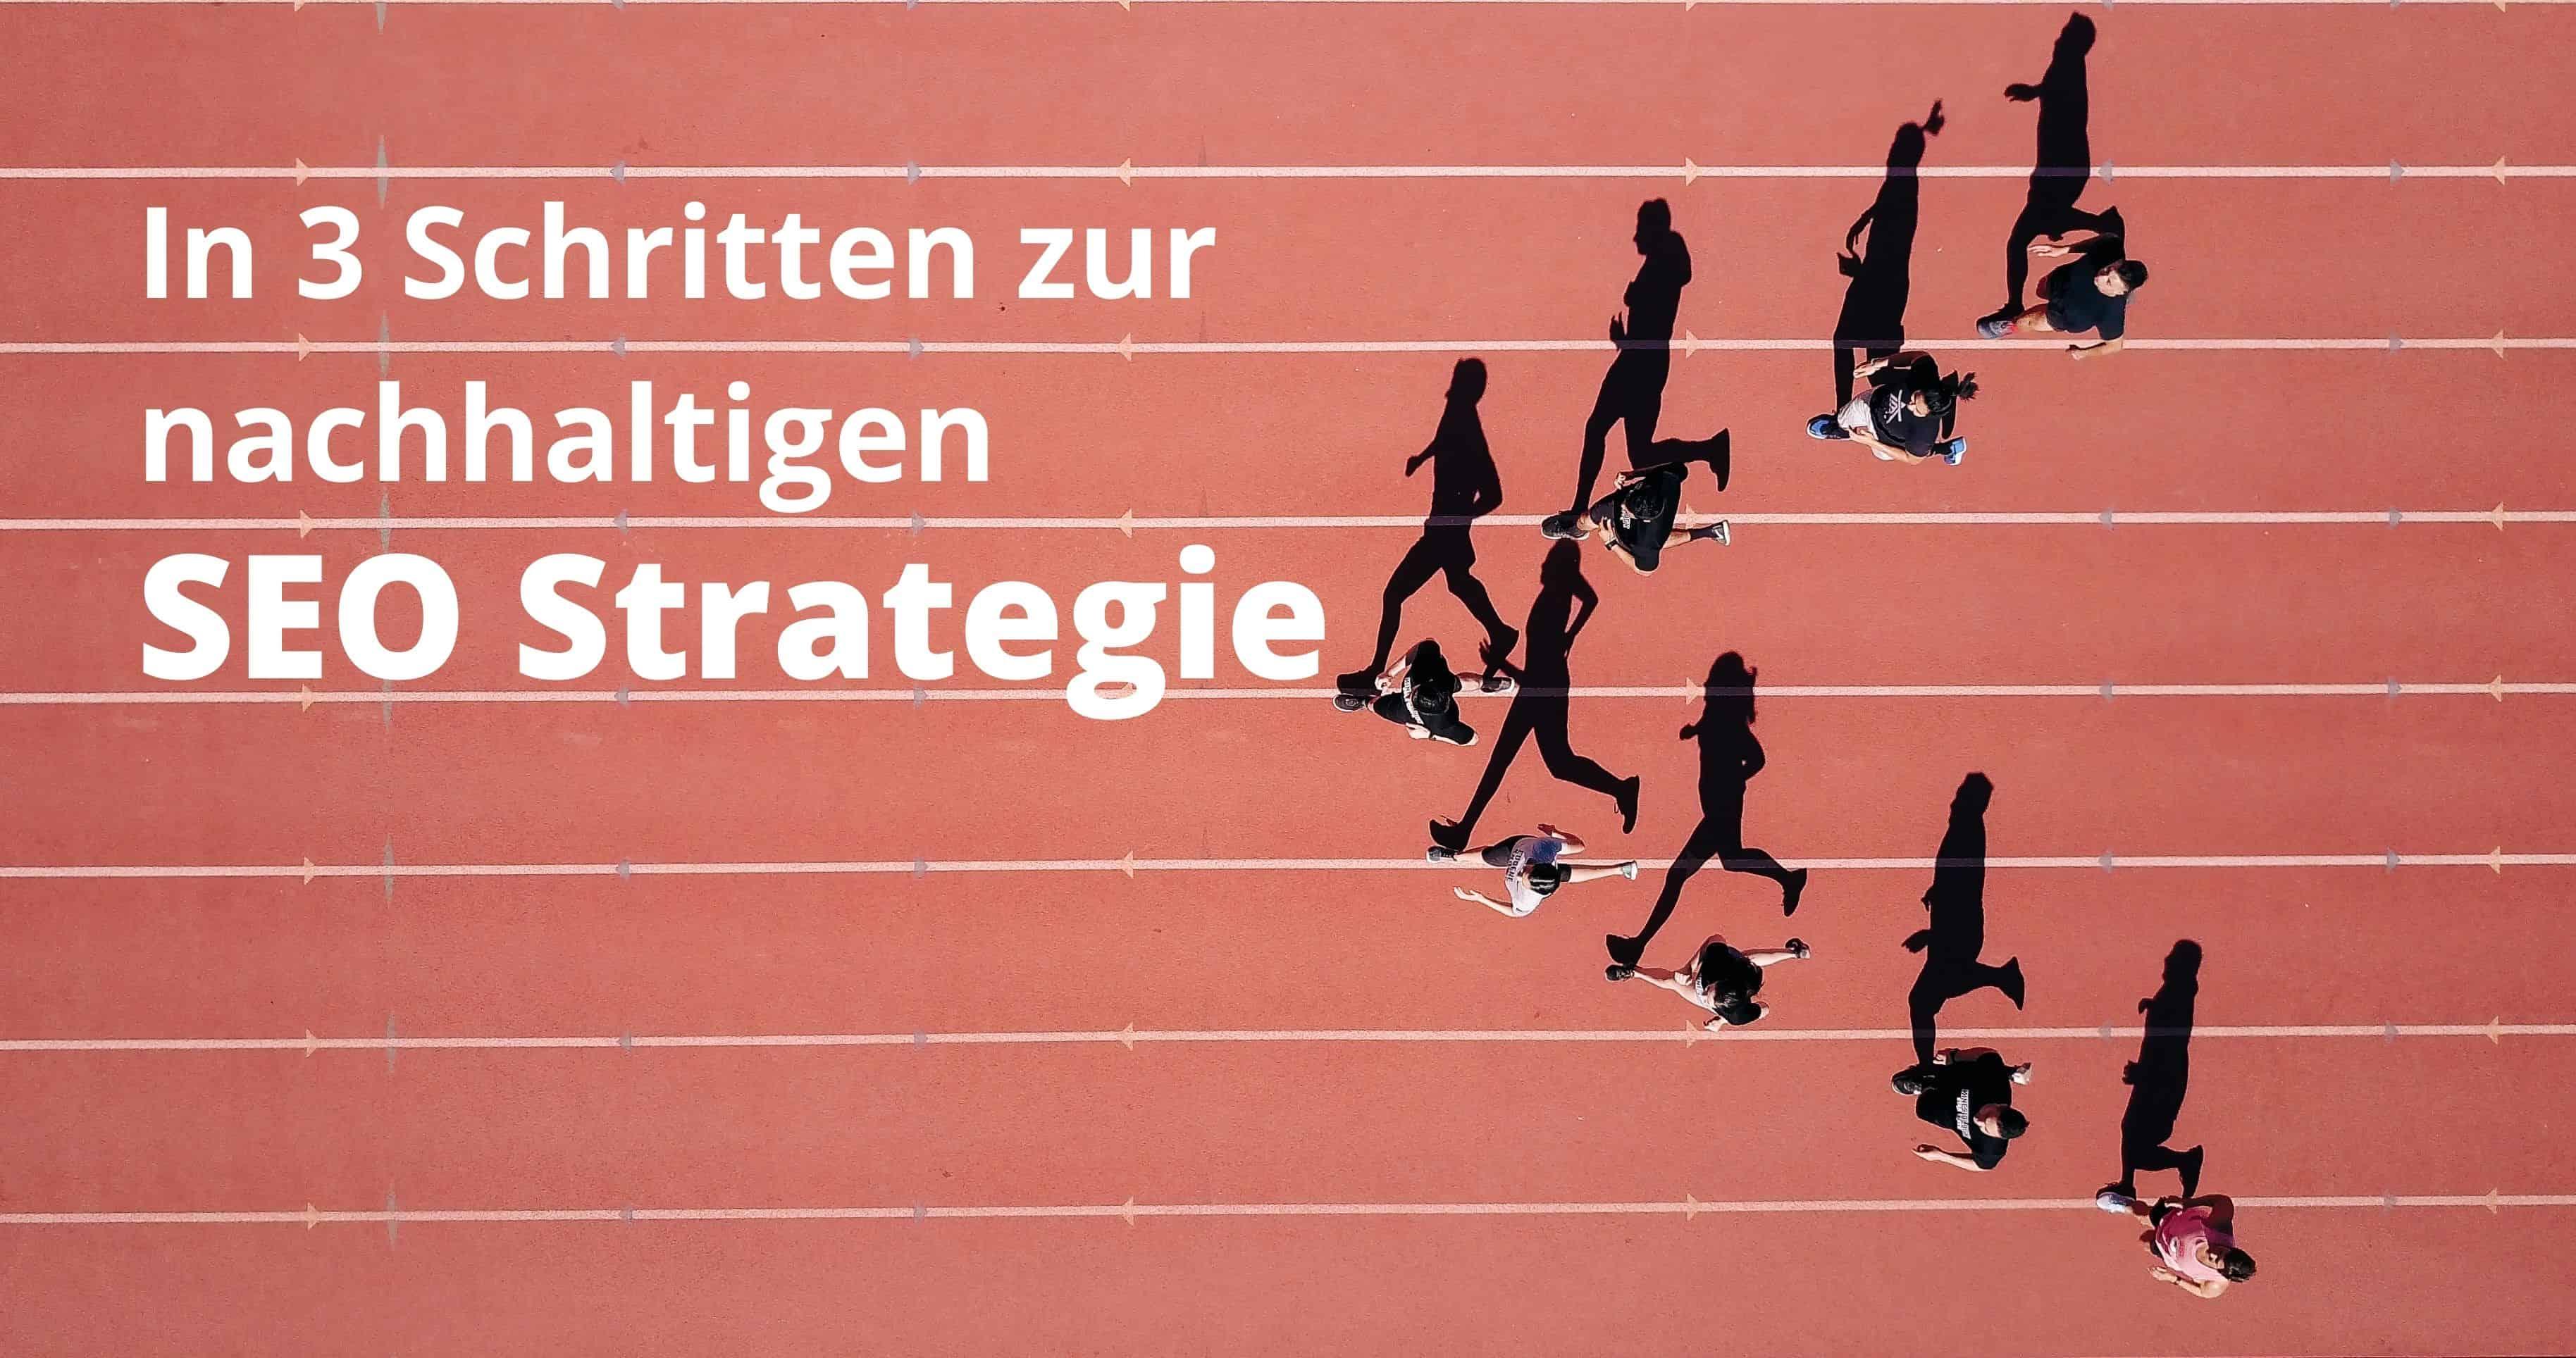 SEO Strategie Titelbild